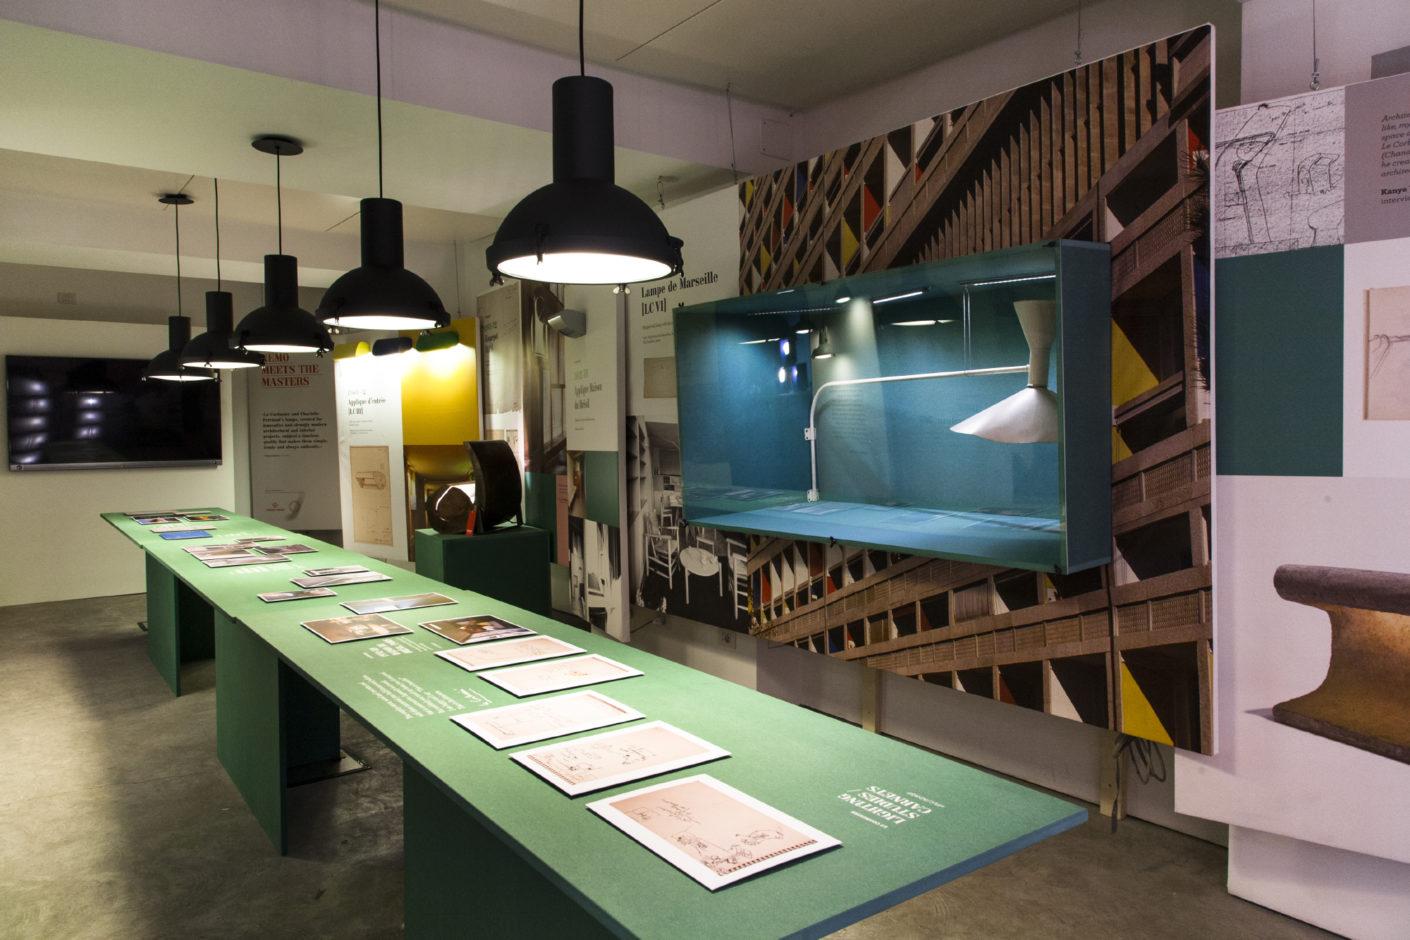 """2015 inszenierte Nemo seine Forschungsbemühungen um Charlotte Perriand und Le Corbusier mit der Ausstellung """"La Luce"""" im Mailänder Showroom."""